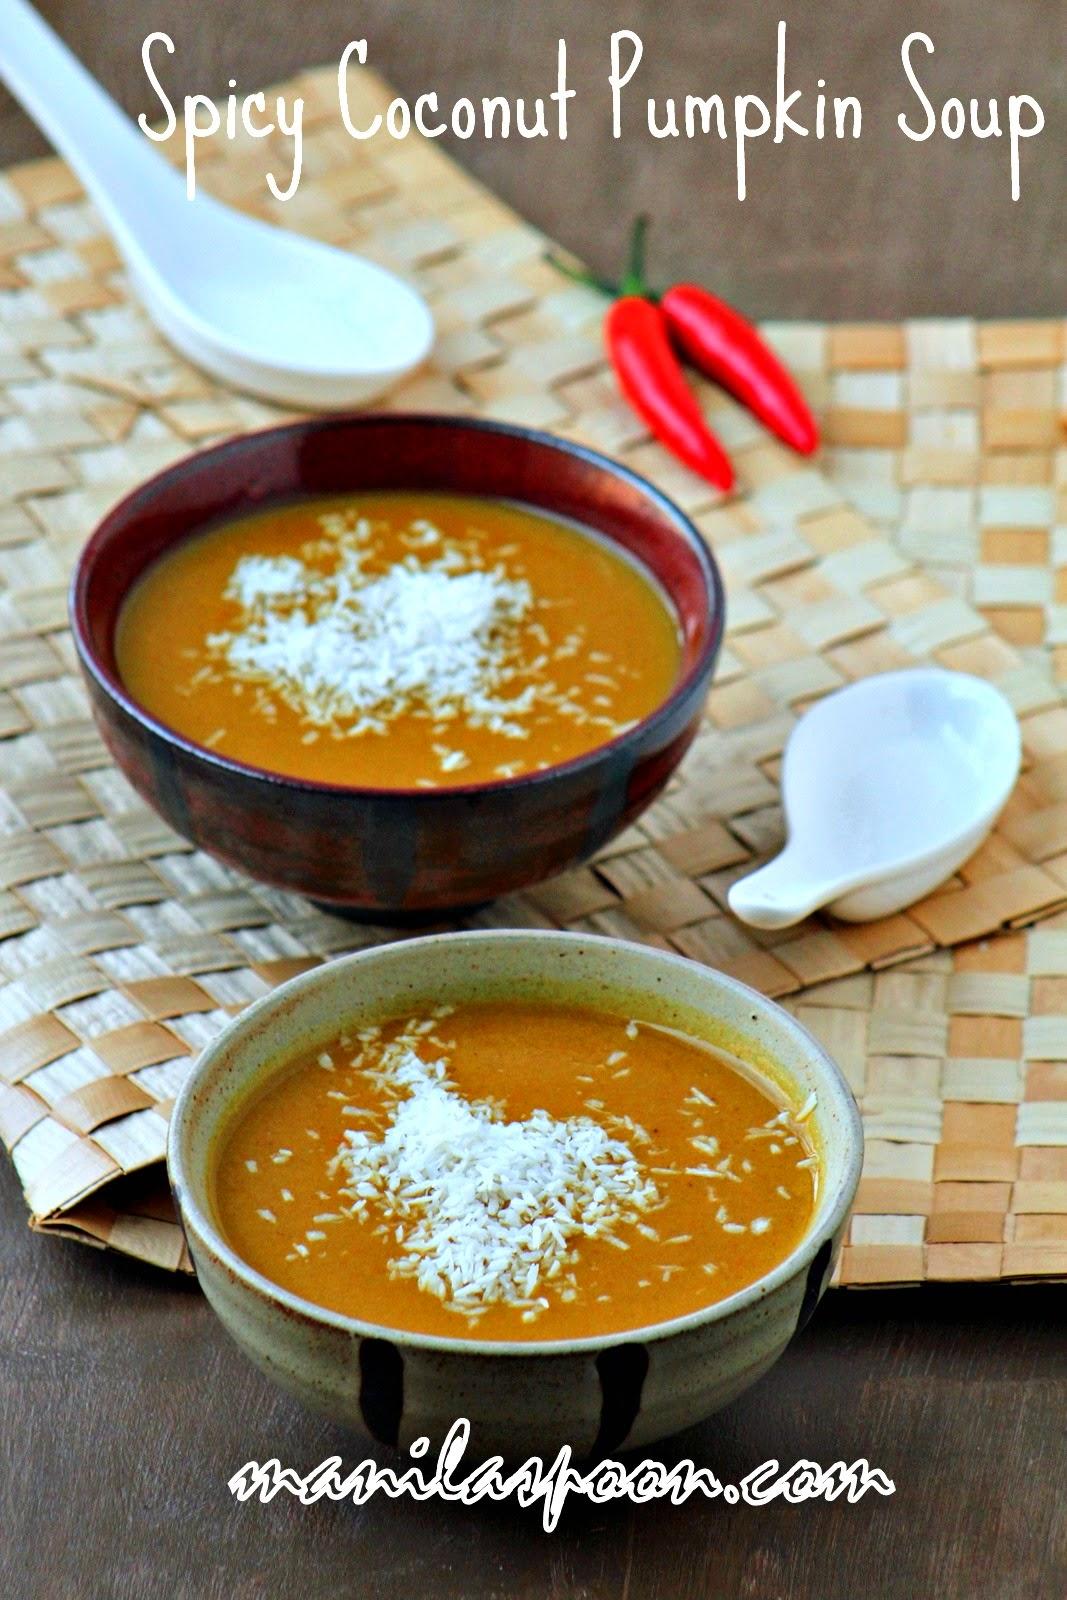 Spicy Coconut Pumpkin Soup